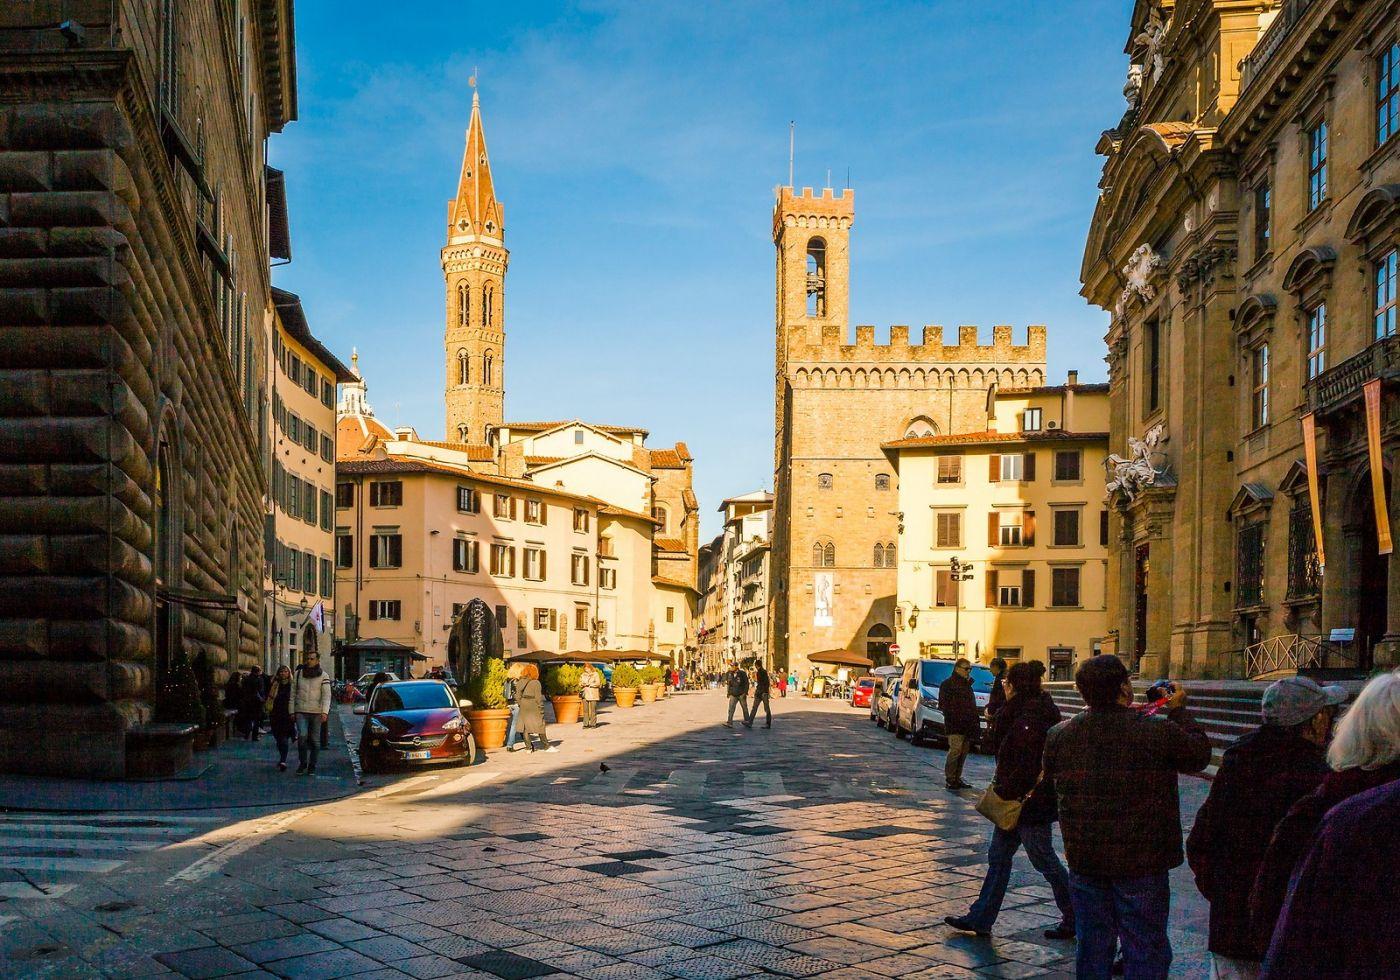 意大利佛罗伦萨(Florence),小街文化_图1-1